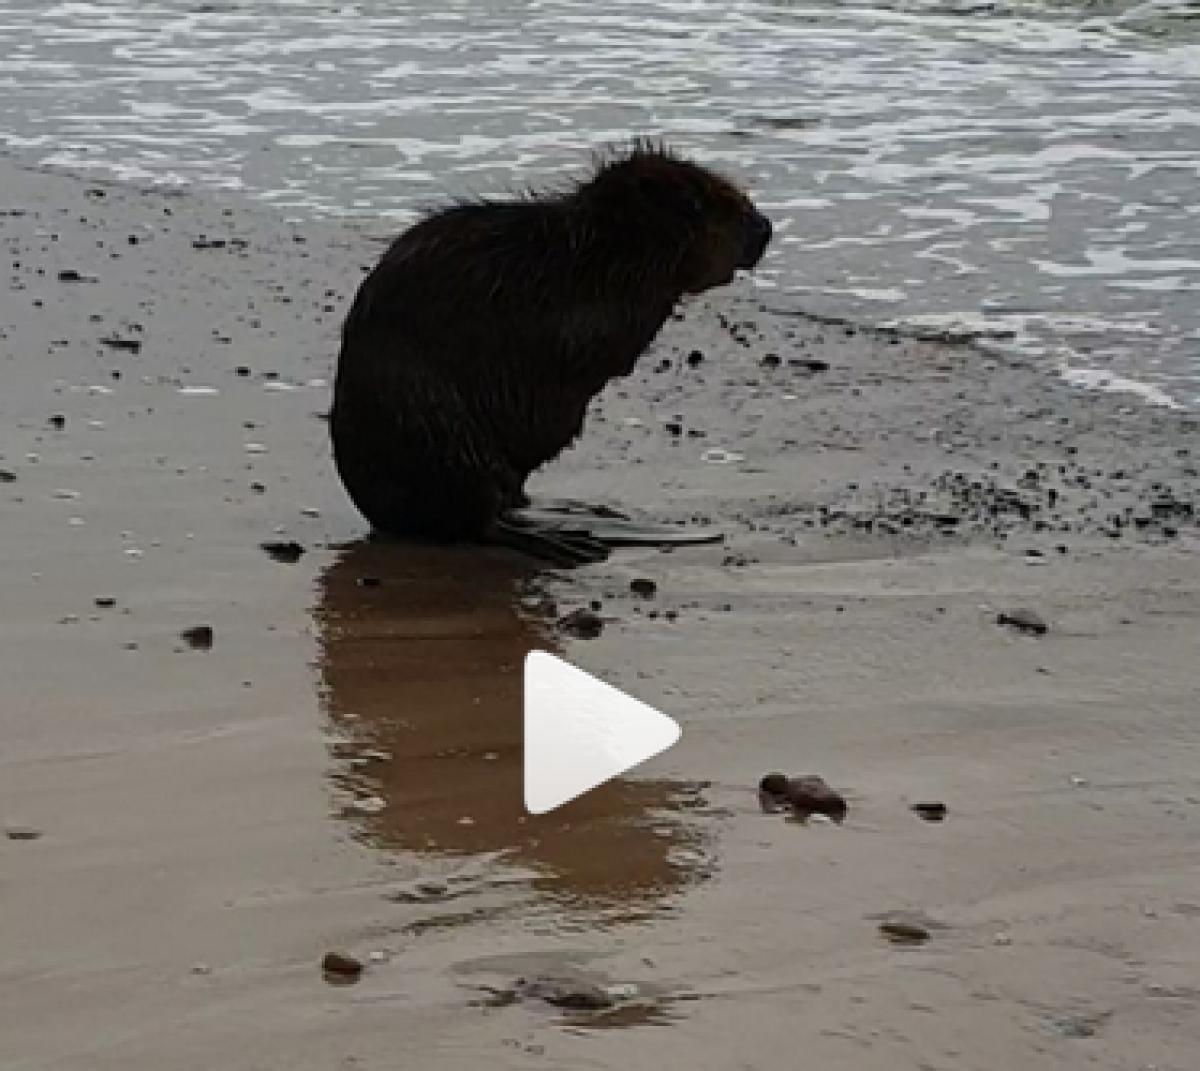 Neįtikėtinas vaizdas: prie jūros maudosi bebras (VIDEO)